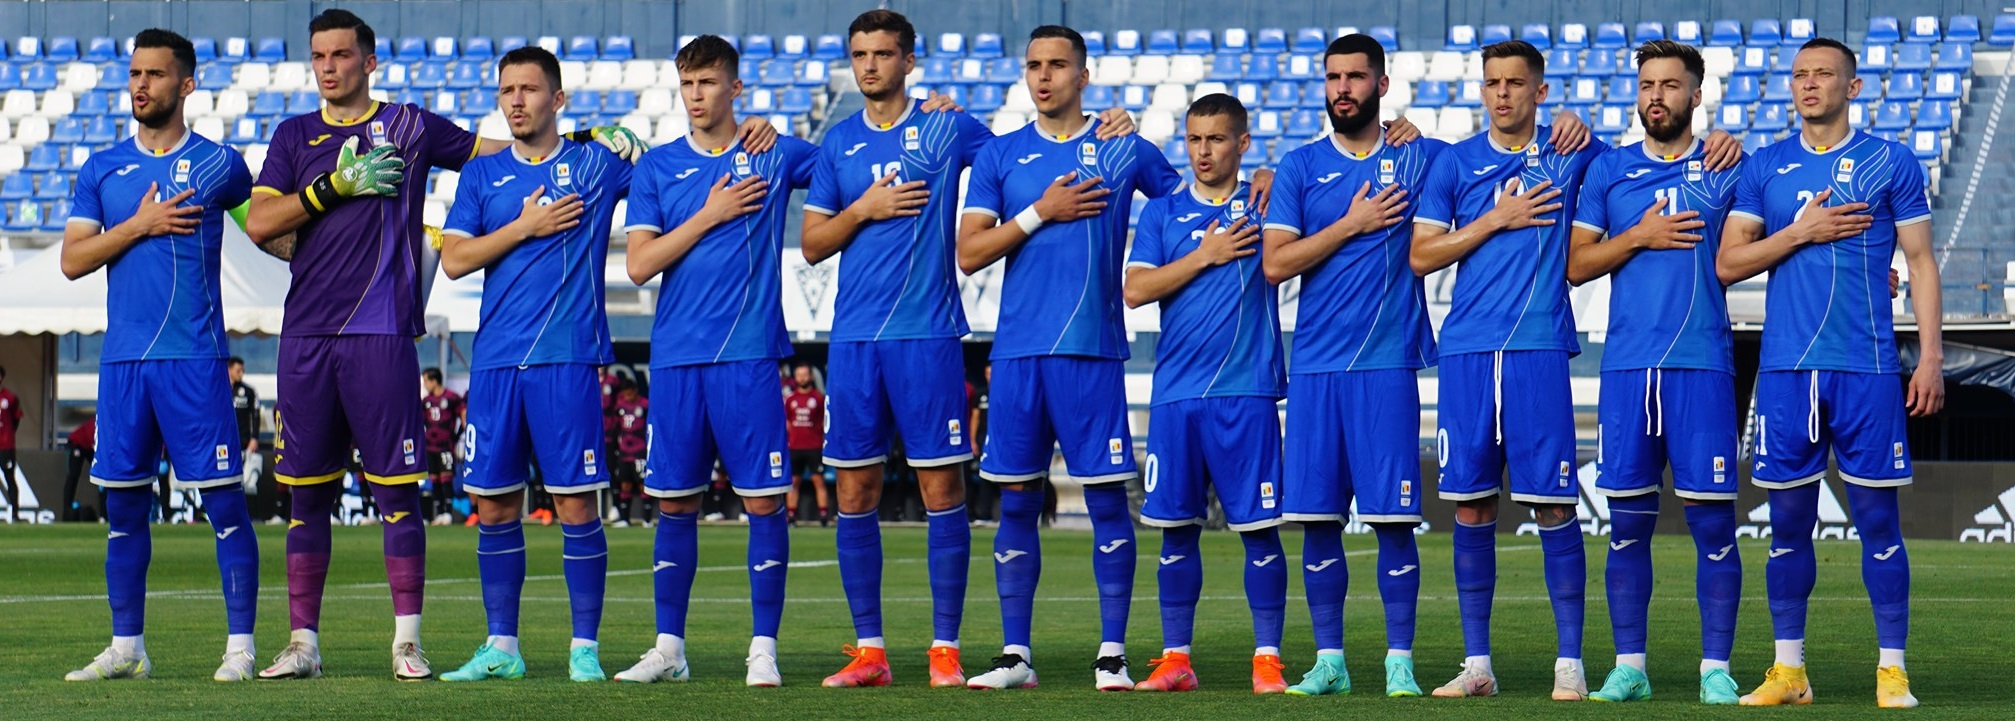 """Prahova continuă să ofere fotbaliști la echipele naționale. Fie că sunt din județ, dar joacă în altă parte, fie de la Petrolul, fie veniți din """"import""""!"""